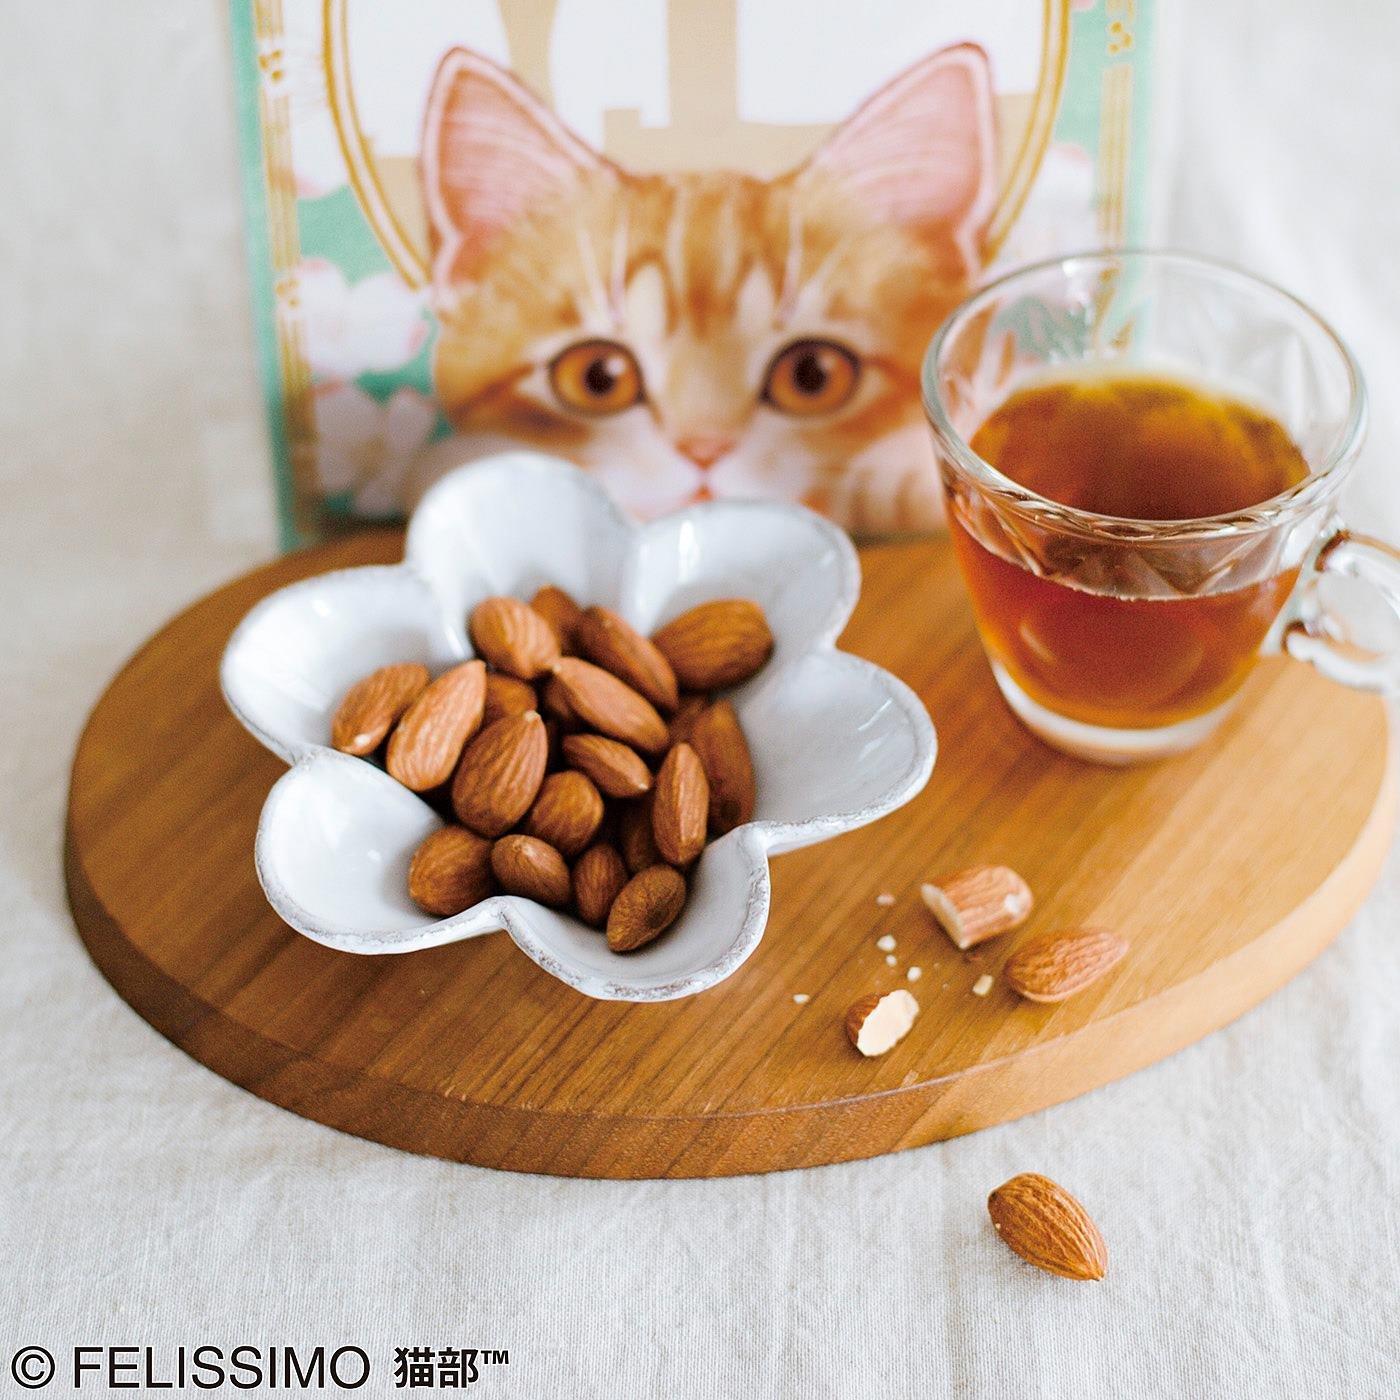 アーモンド形の猫の瞳 アーモンドニャッツ〈食塩無添加〉の会